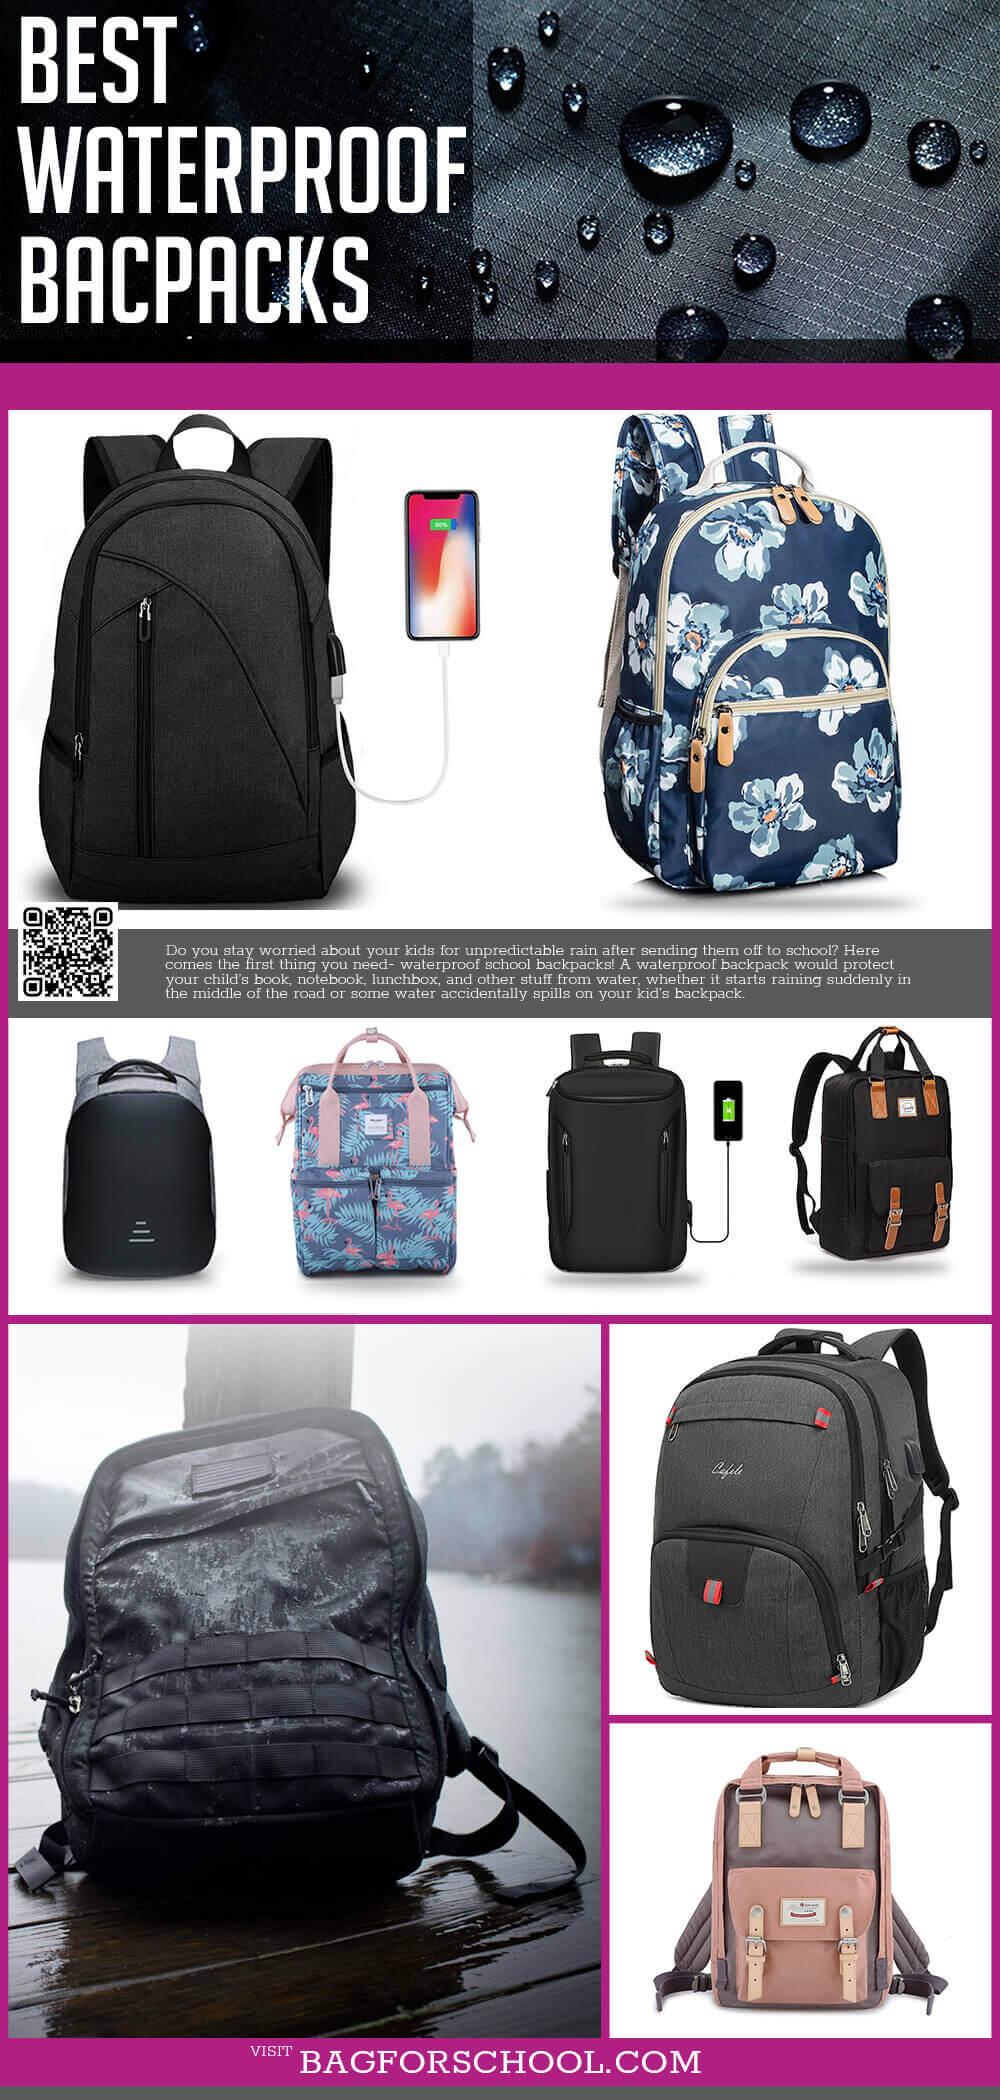 Waterproof & Resistant Backpacks